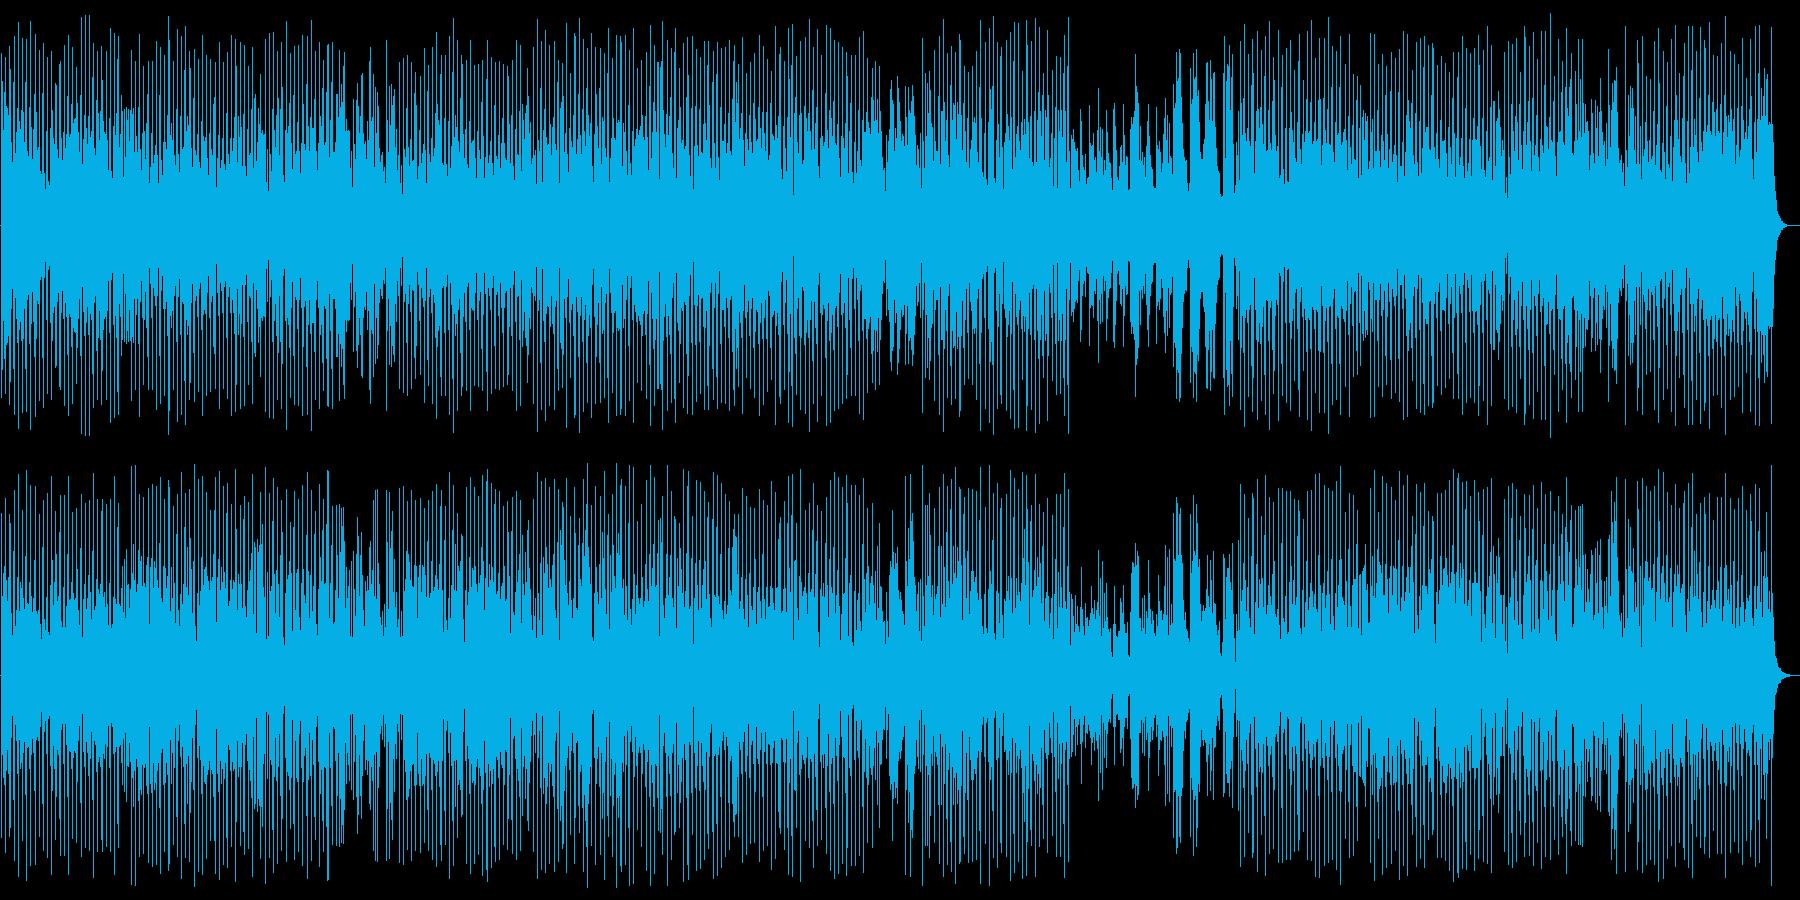 明るくワクワク感のシンセピアノサウンドの再生済みの波形